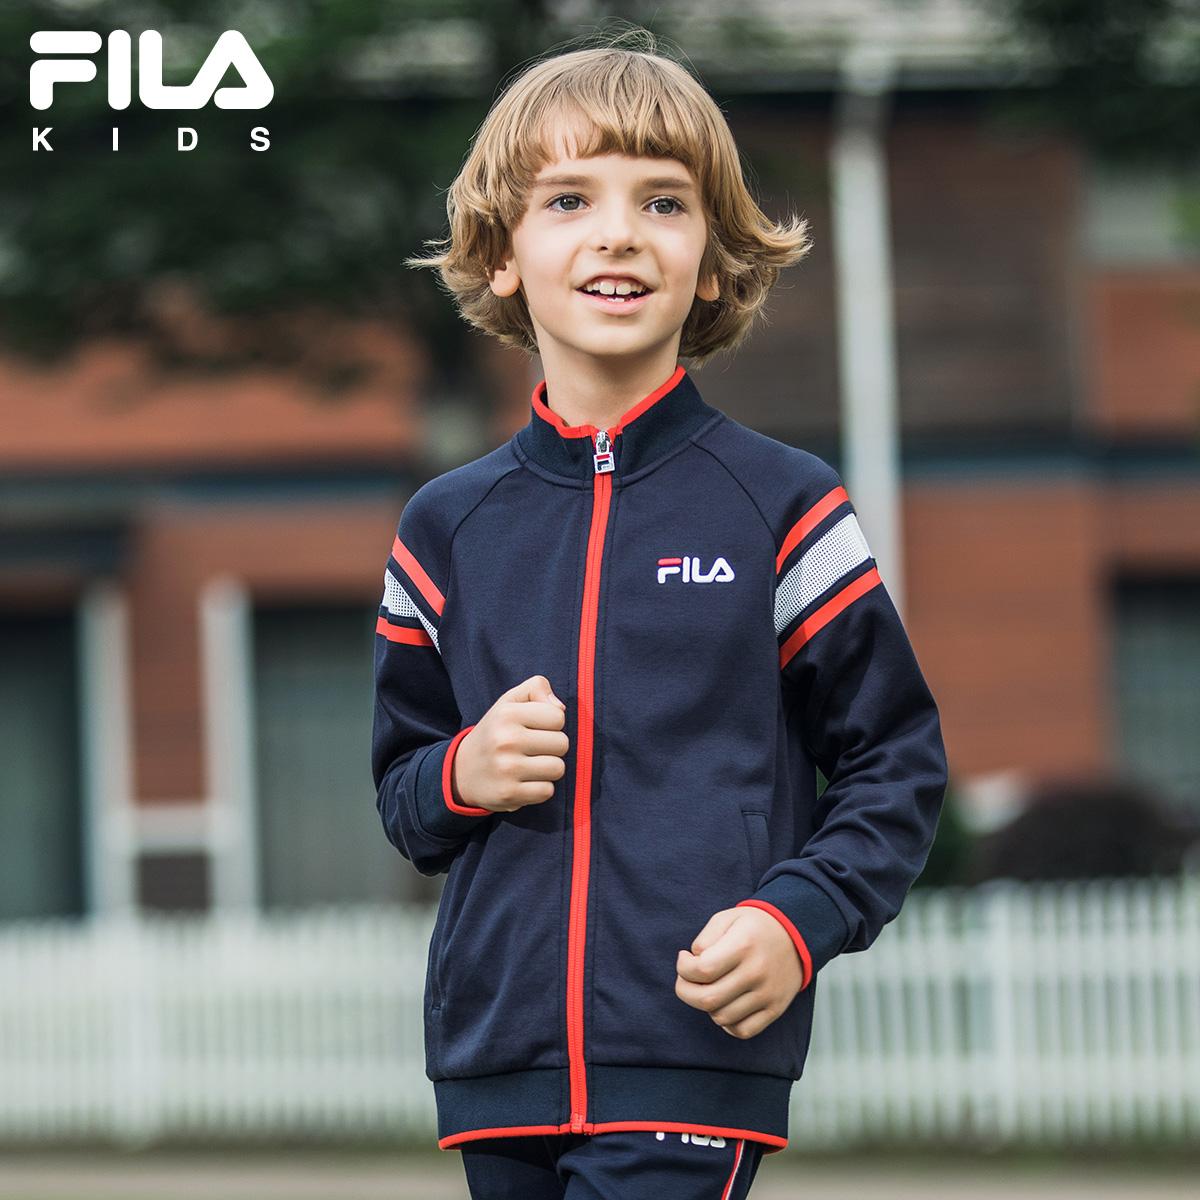 FILA斐乐童装外套男童舒适弹性休闲运动撞色简洁上衣2018秋季新款